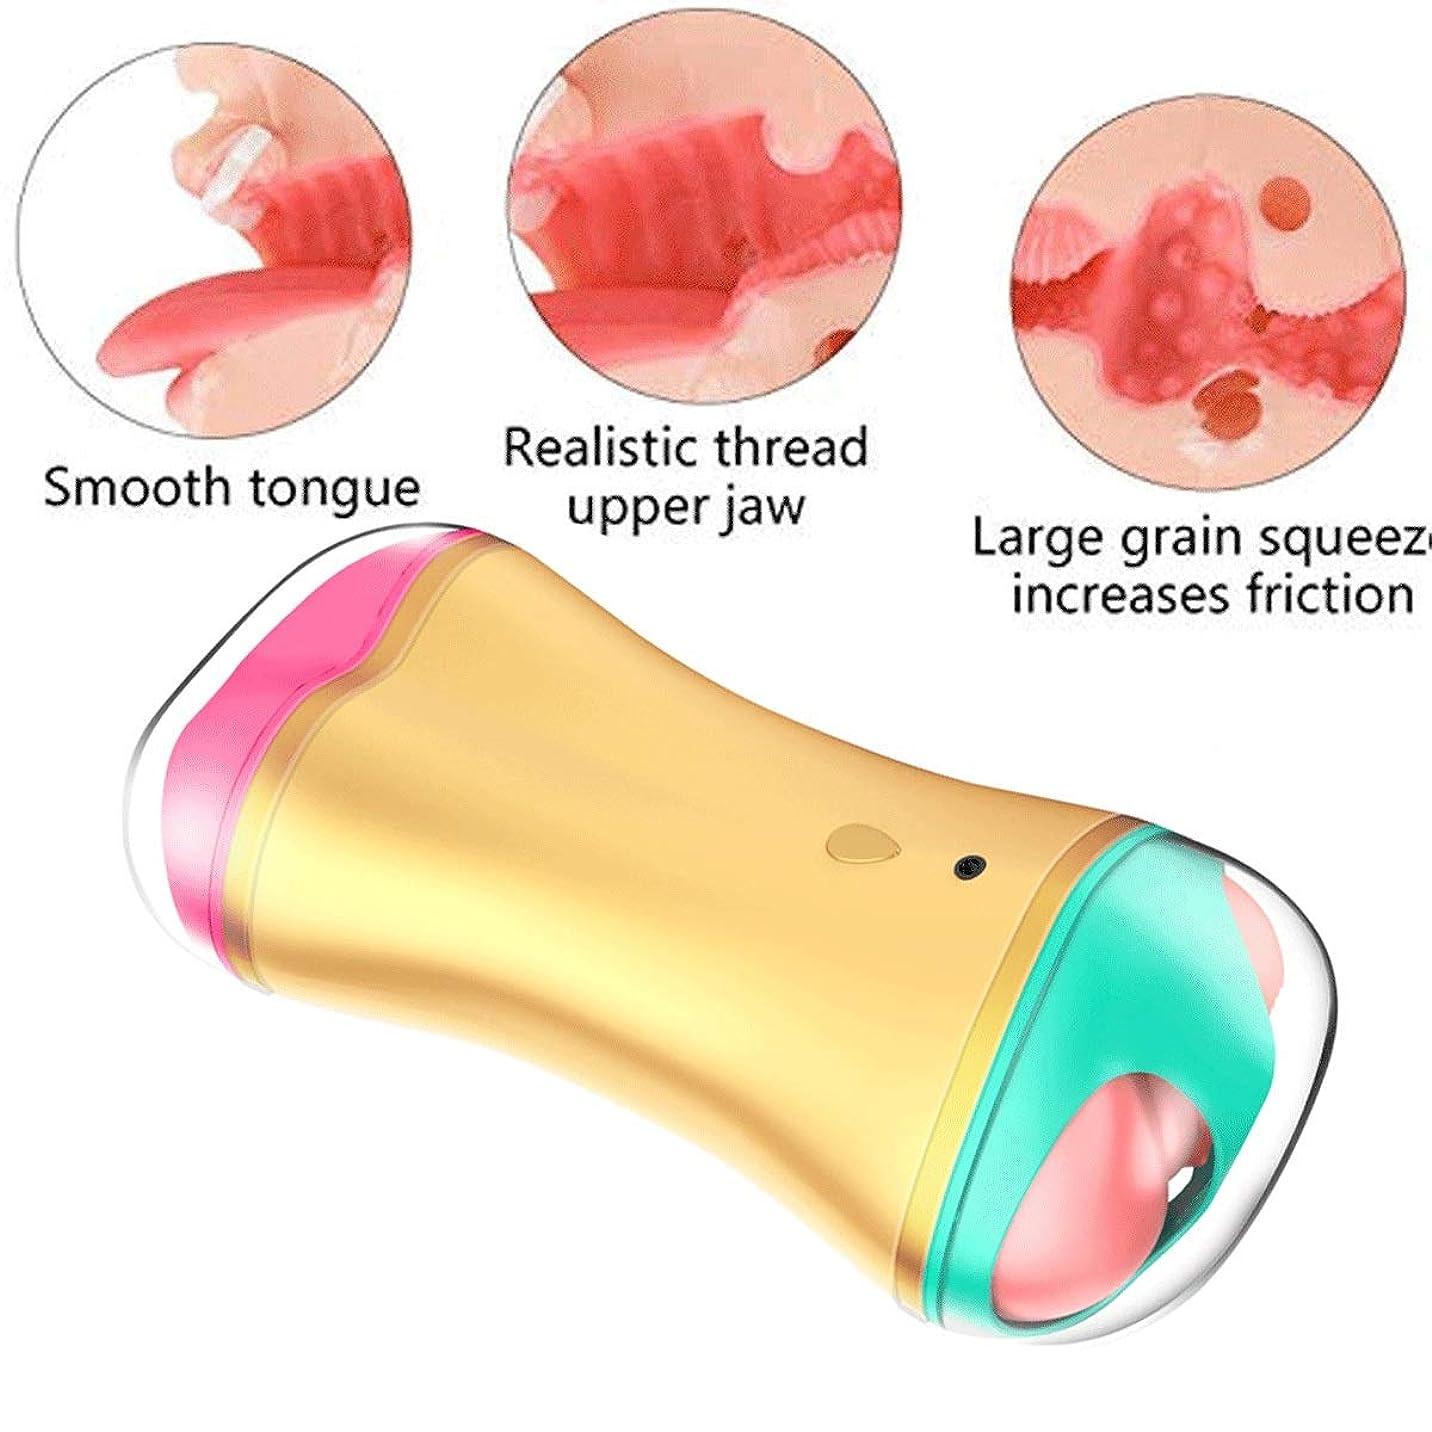 外交キュービック肘ANJELILA 自動オーラル舌ディープスロート男性吸盤電動吸引声玩具、強力なモーター、フェラ男性Masturクリップ舐め - 探検するために待っている、より多くの楽しみを